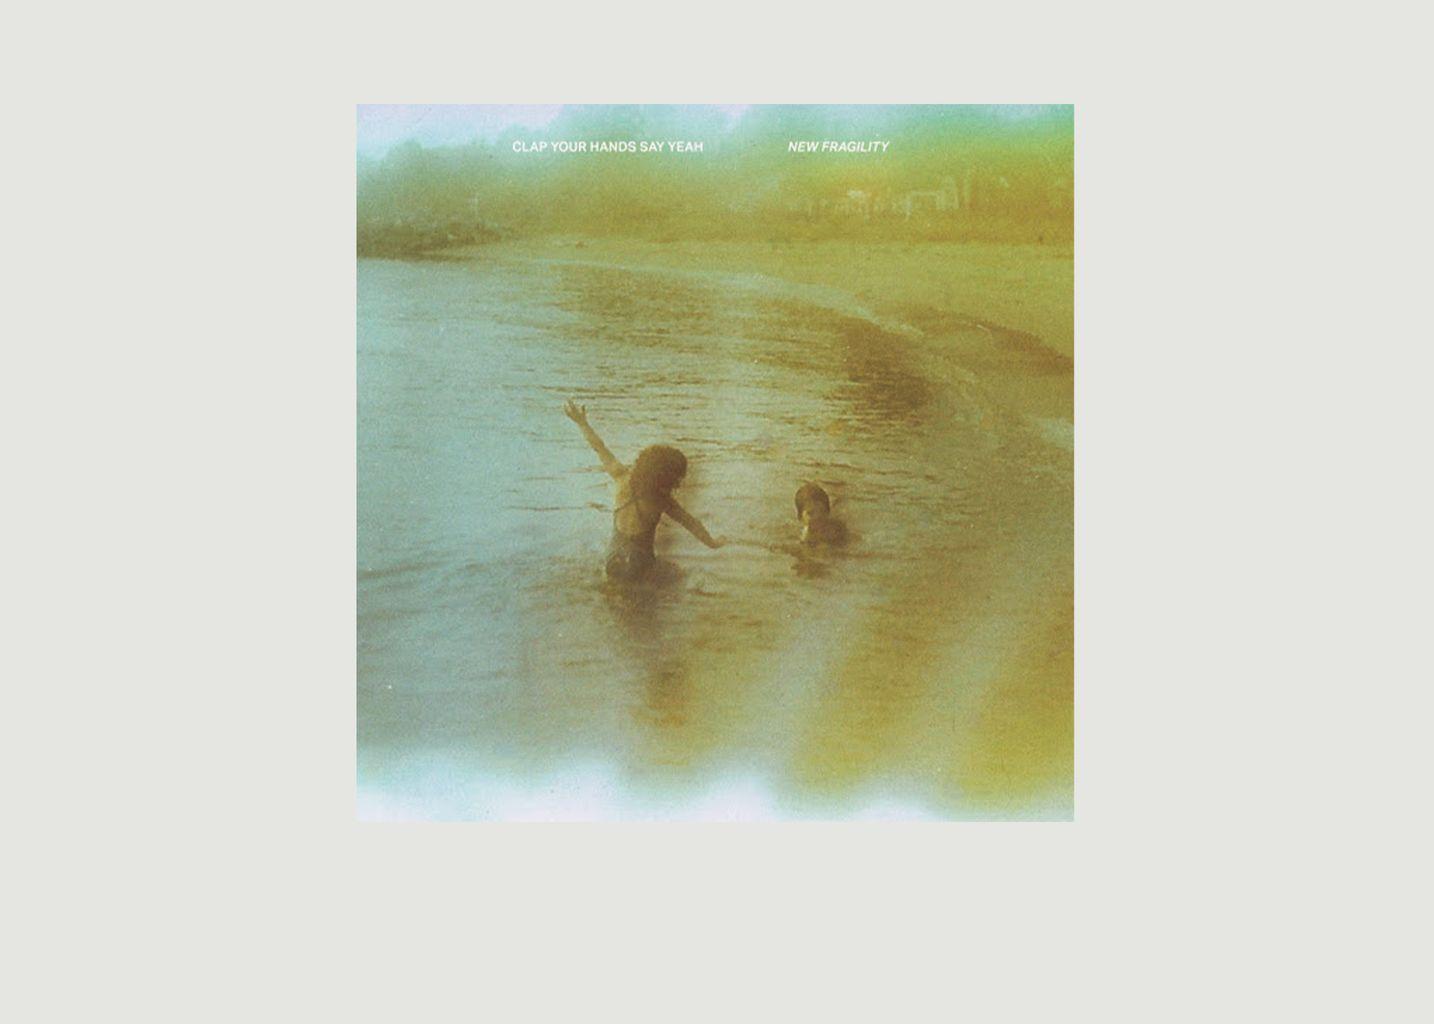 Clap your hands say yeah - New Fragility - La vinyl-thèque idéale